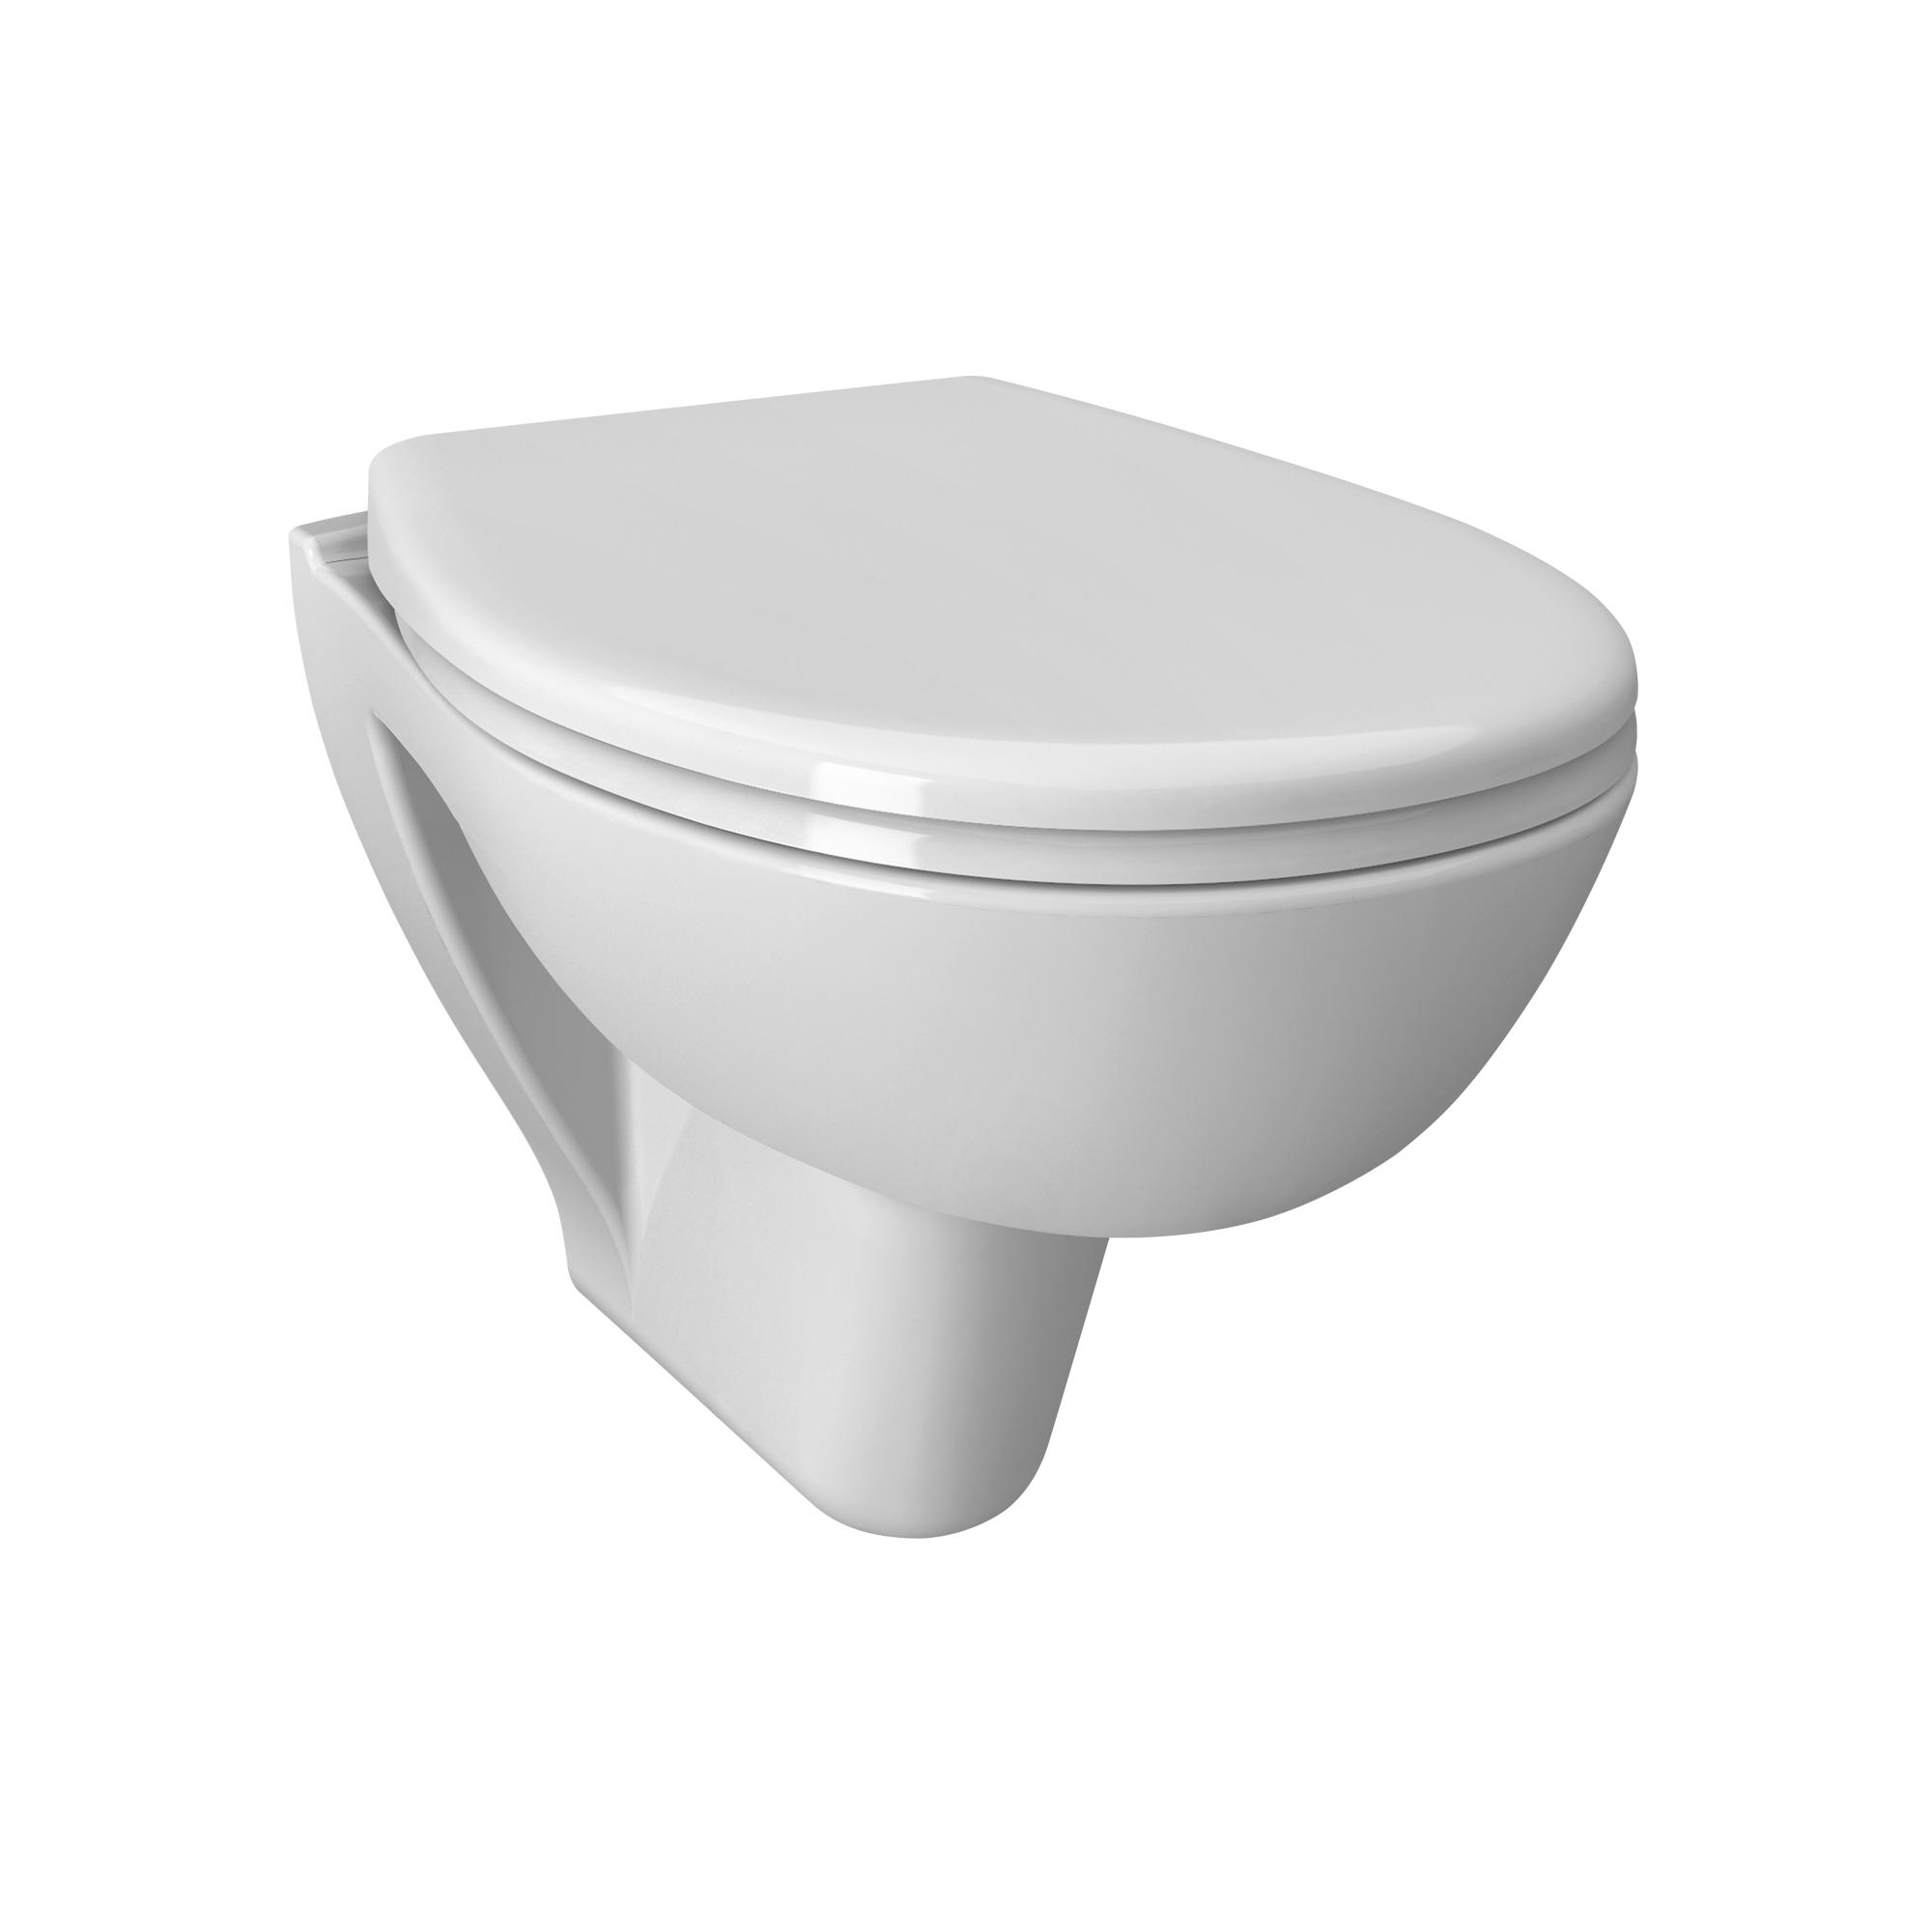 S20 Wand-WC VitrA Flush 2.0 Compact mit Bidetfunktion